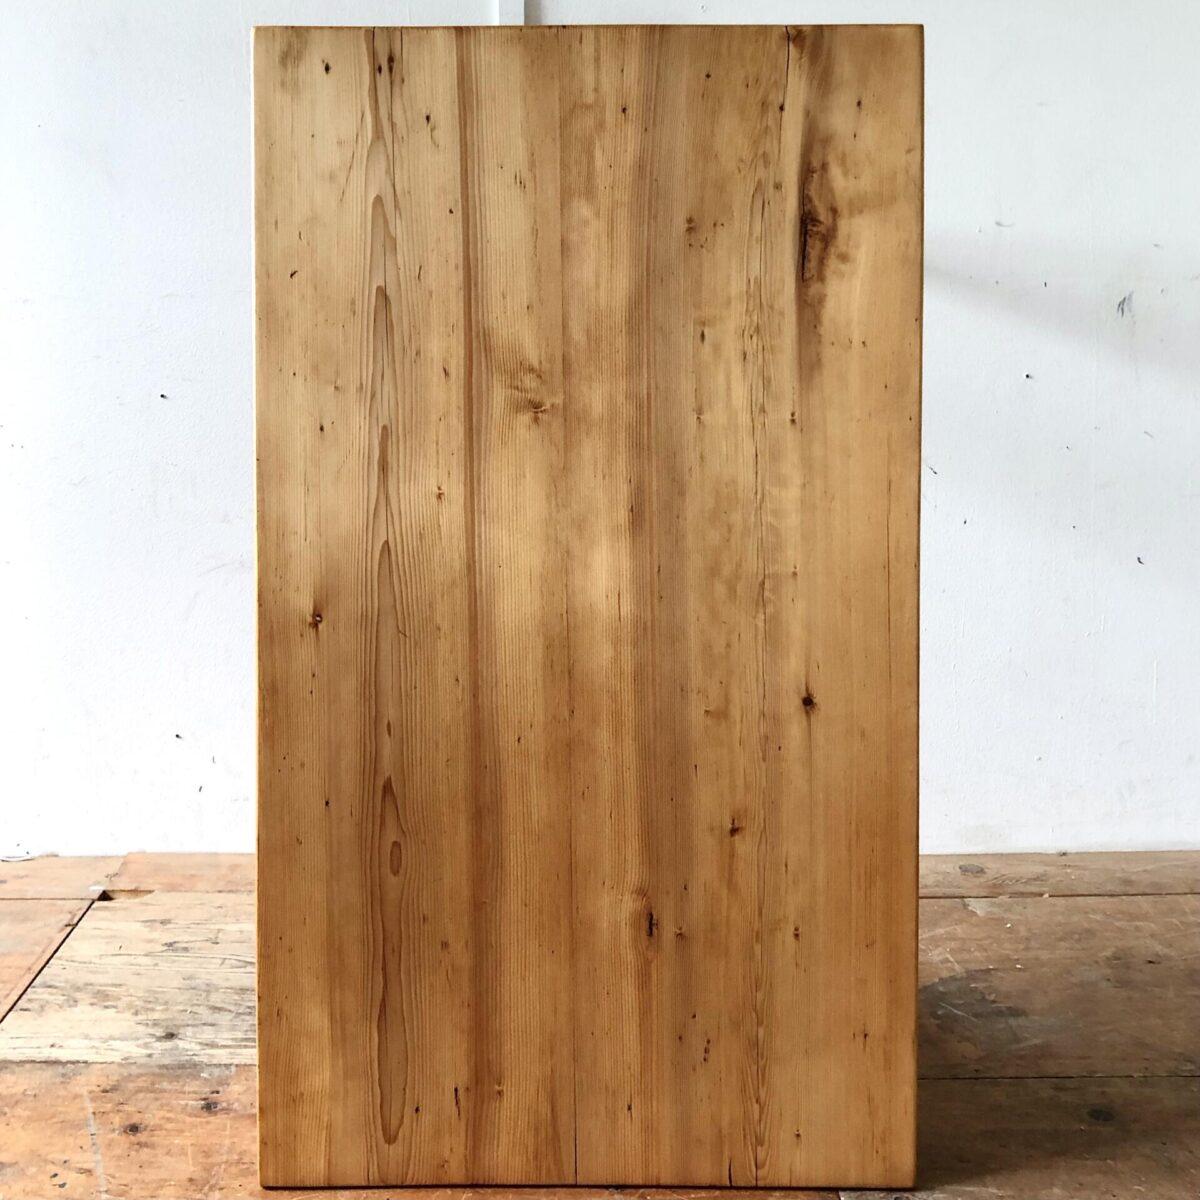 Tannenholz Biedermeier Schreibtisch mit Schublade. 119x68cm Höhe 75.5cm. Der Tisch hat etwas Risse und Alterspatina aber alles stabil. Das Tischblatt besteht aus nur zwei breiten Brettern. Die Holzoberflächen sind mit Naturöl behandelt.